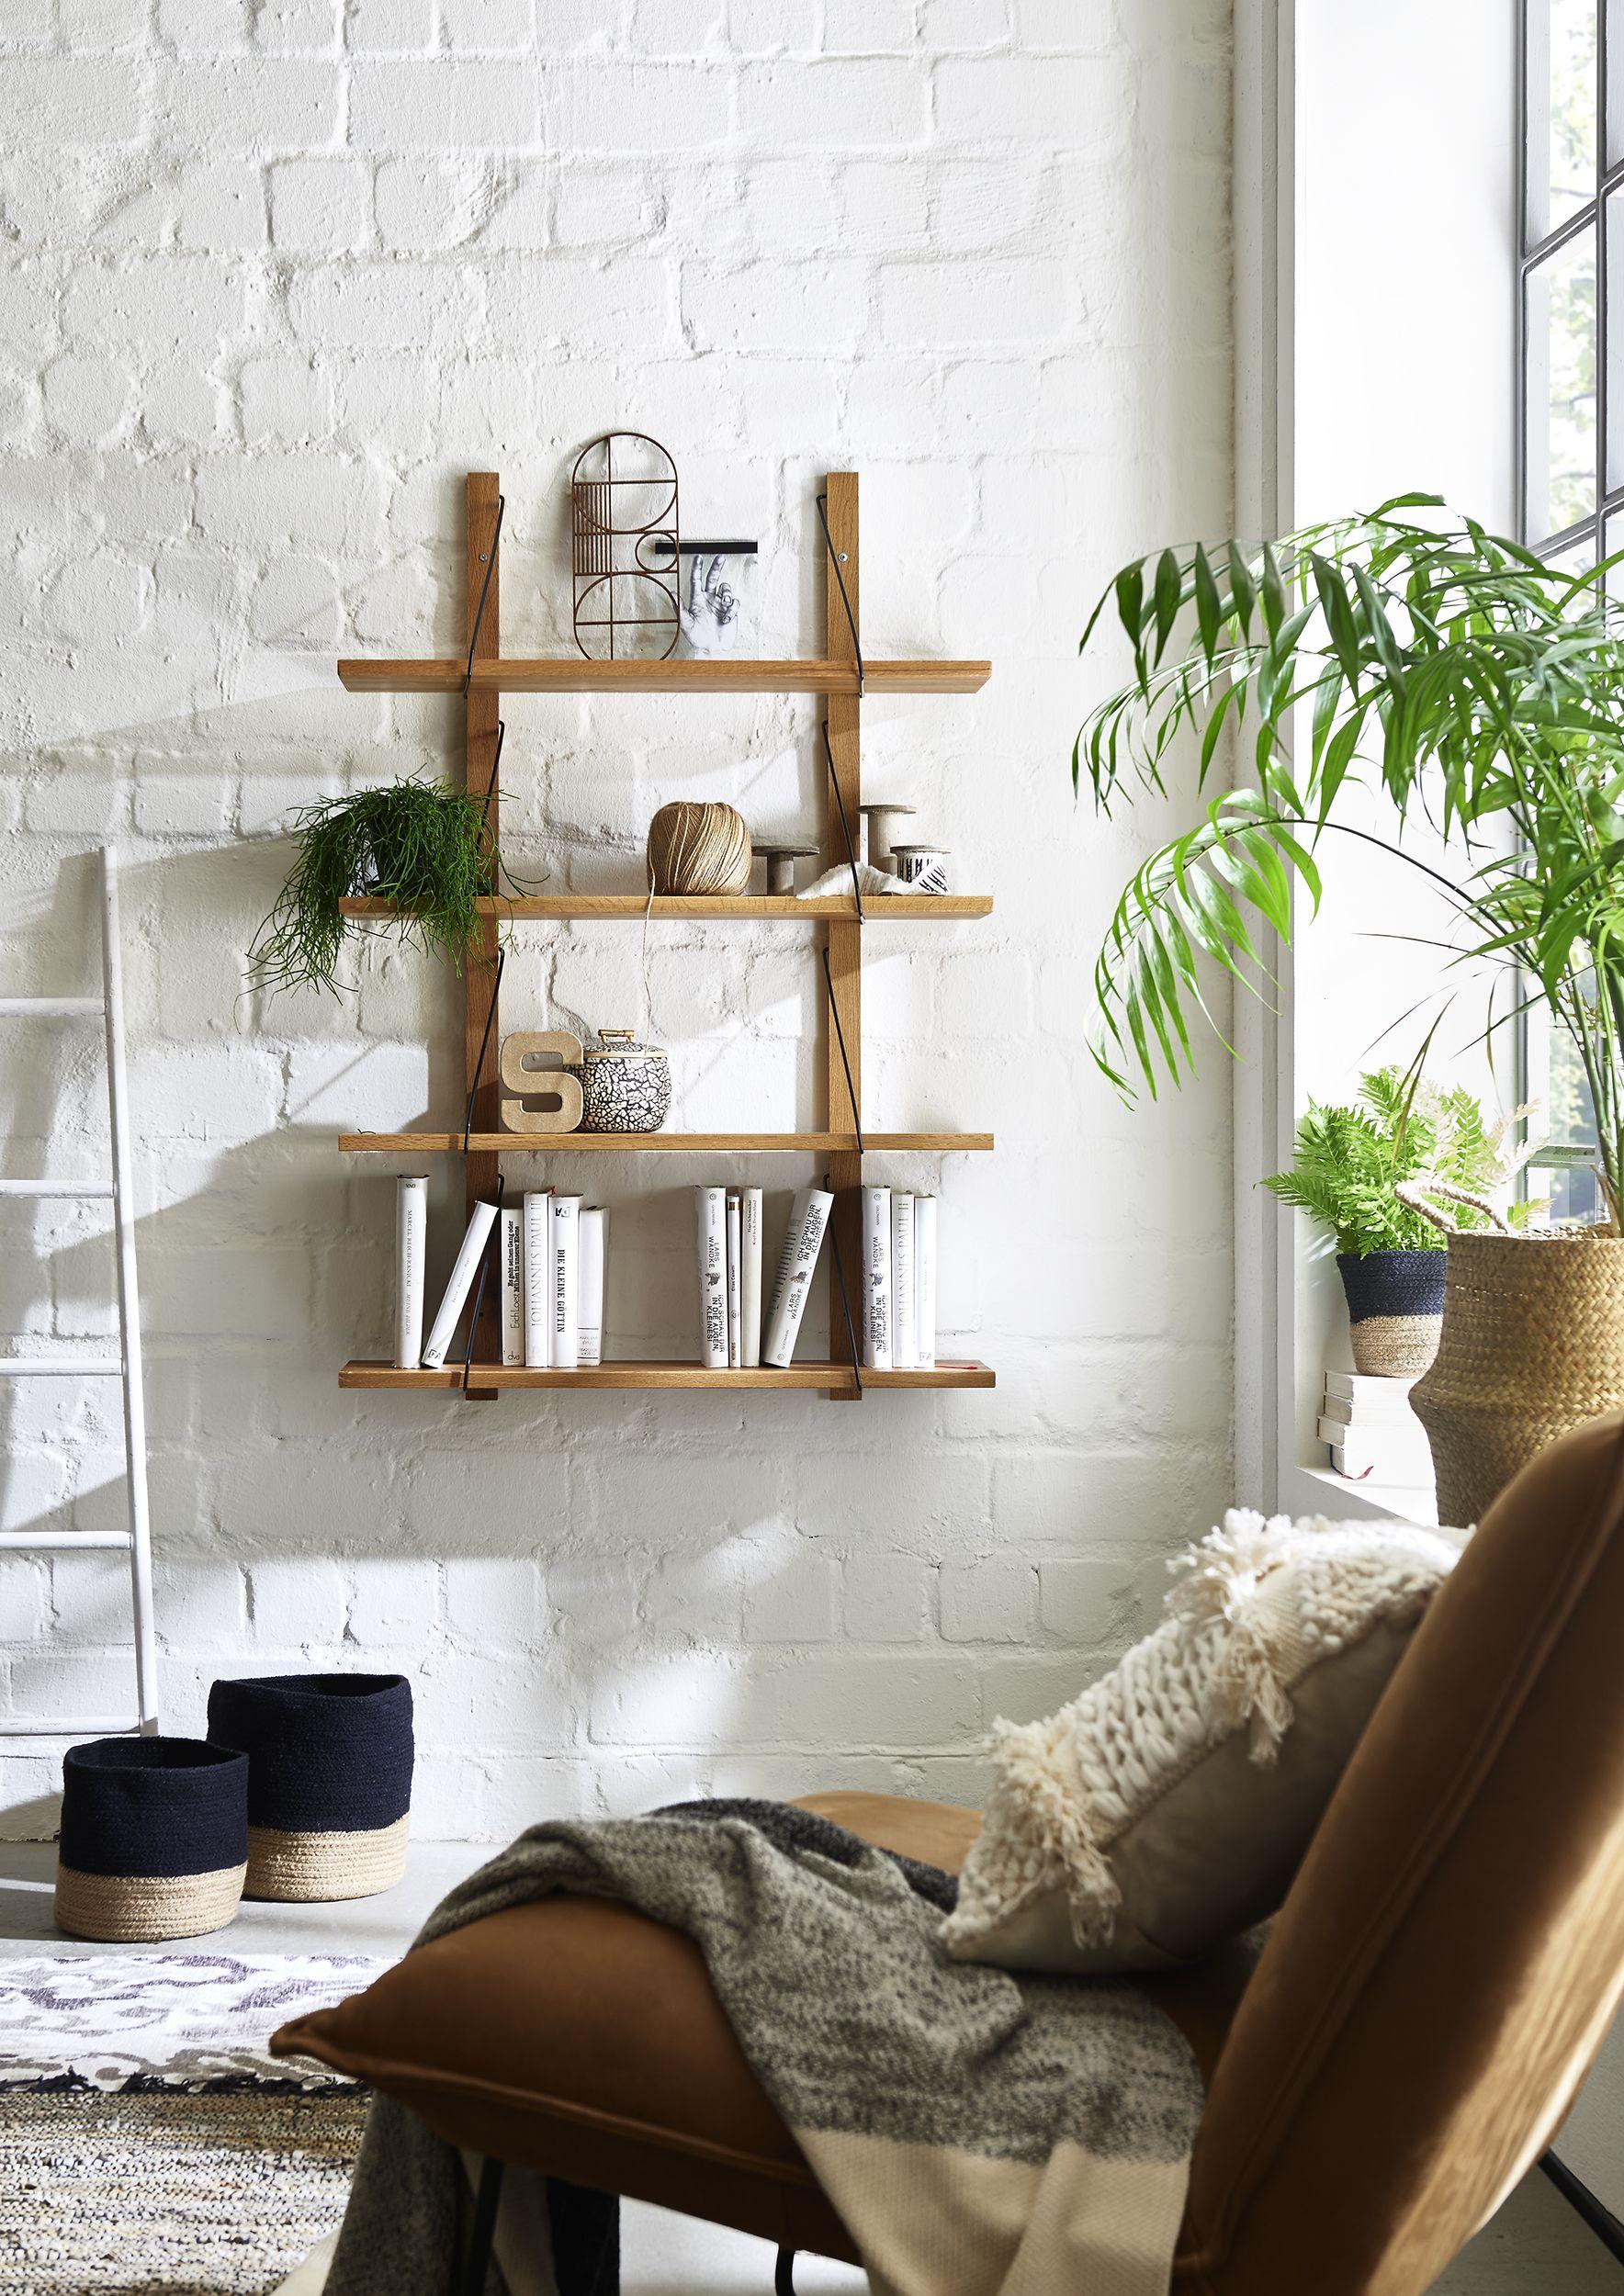 Bringe Mit Warmen Holz Tonen Gemutlichkeit In Dein Zuhause